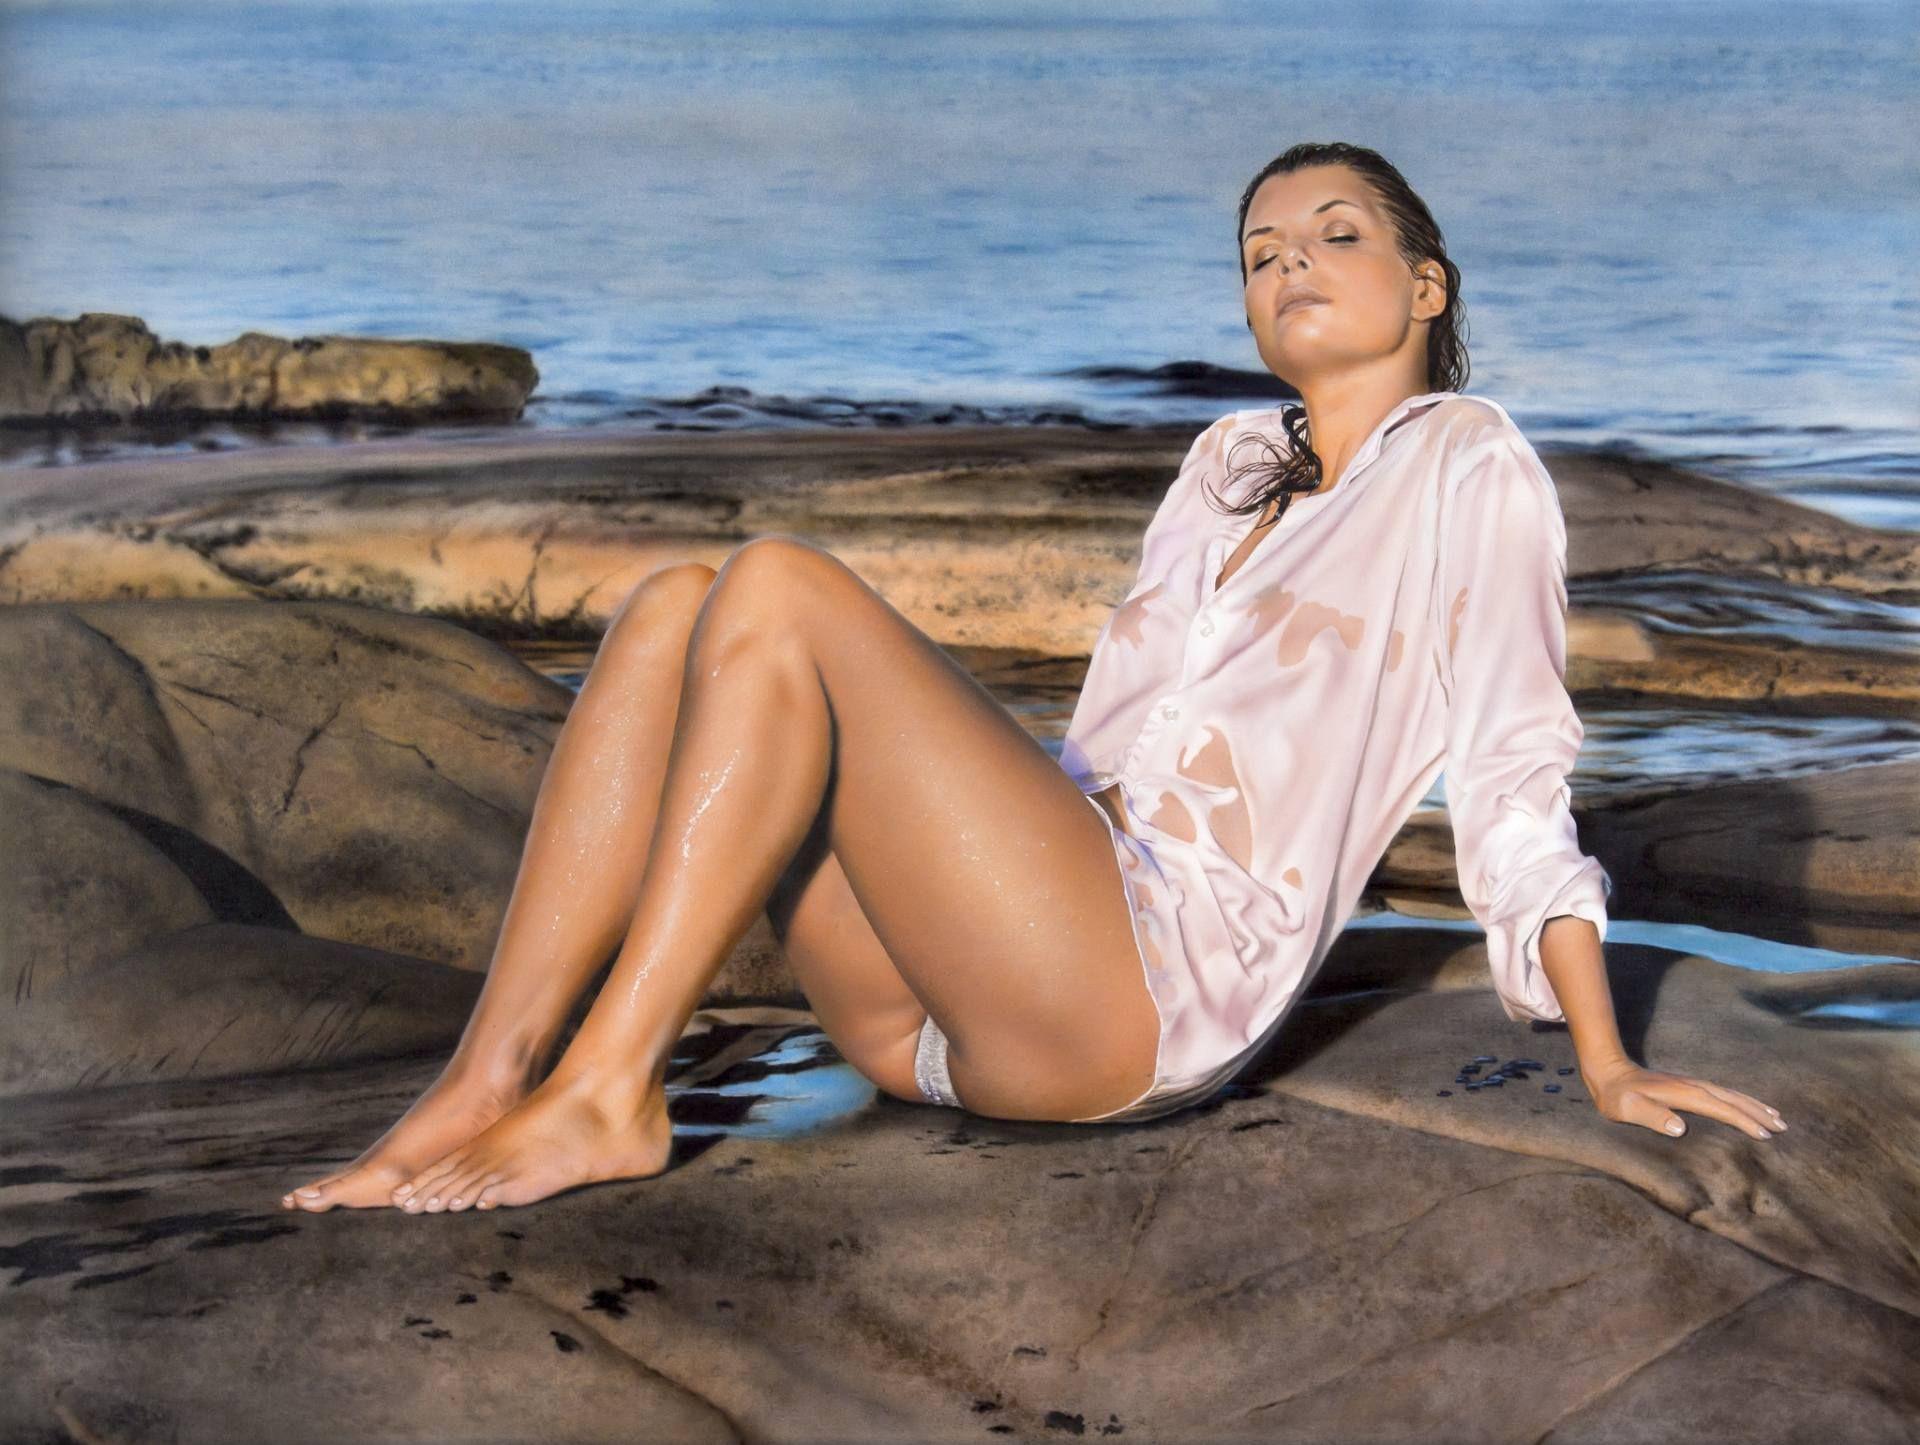 Sweden woman erotic photos